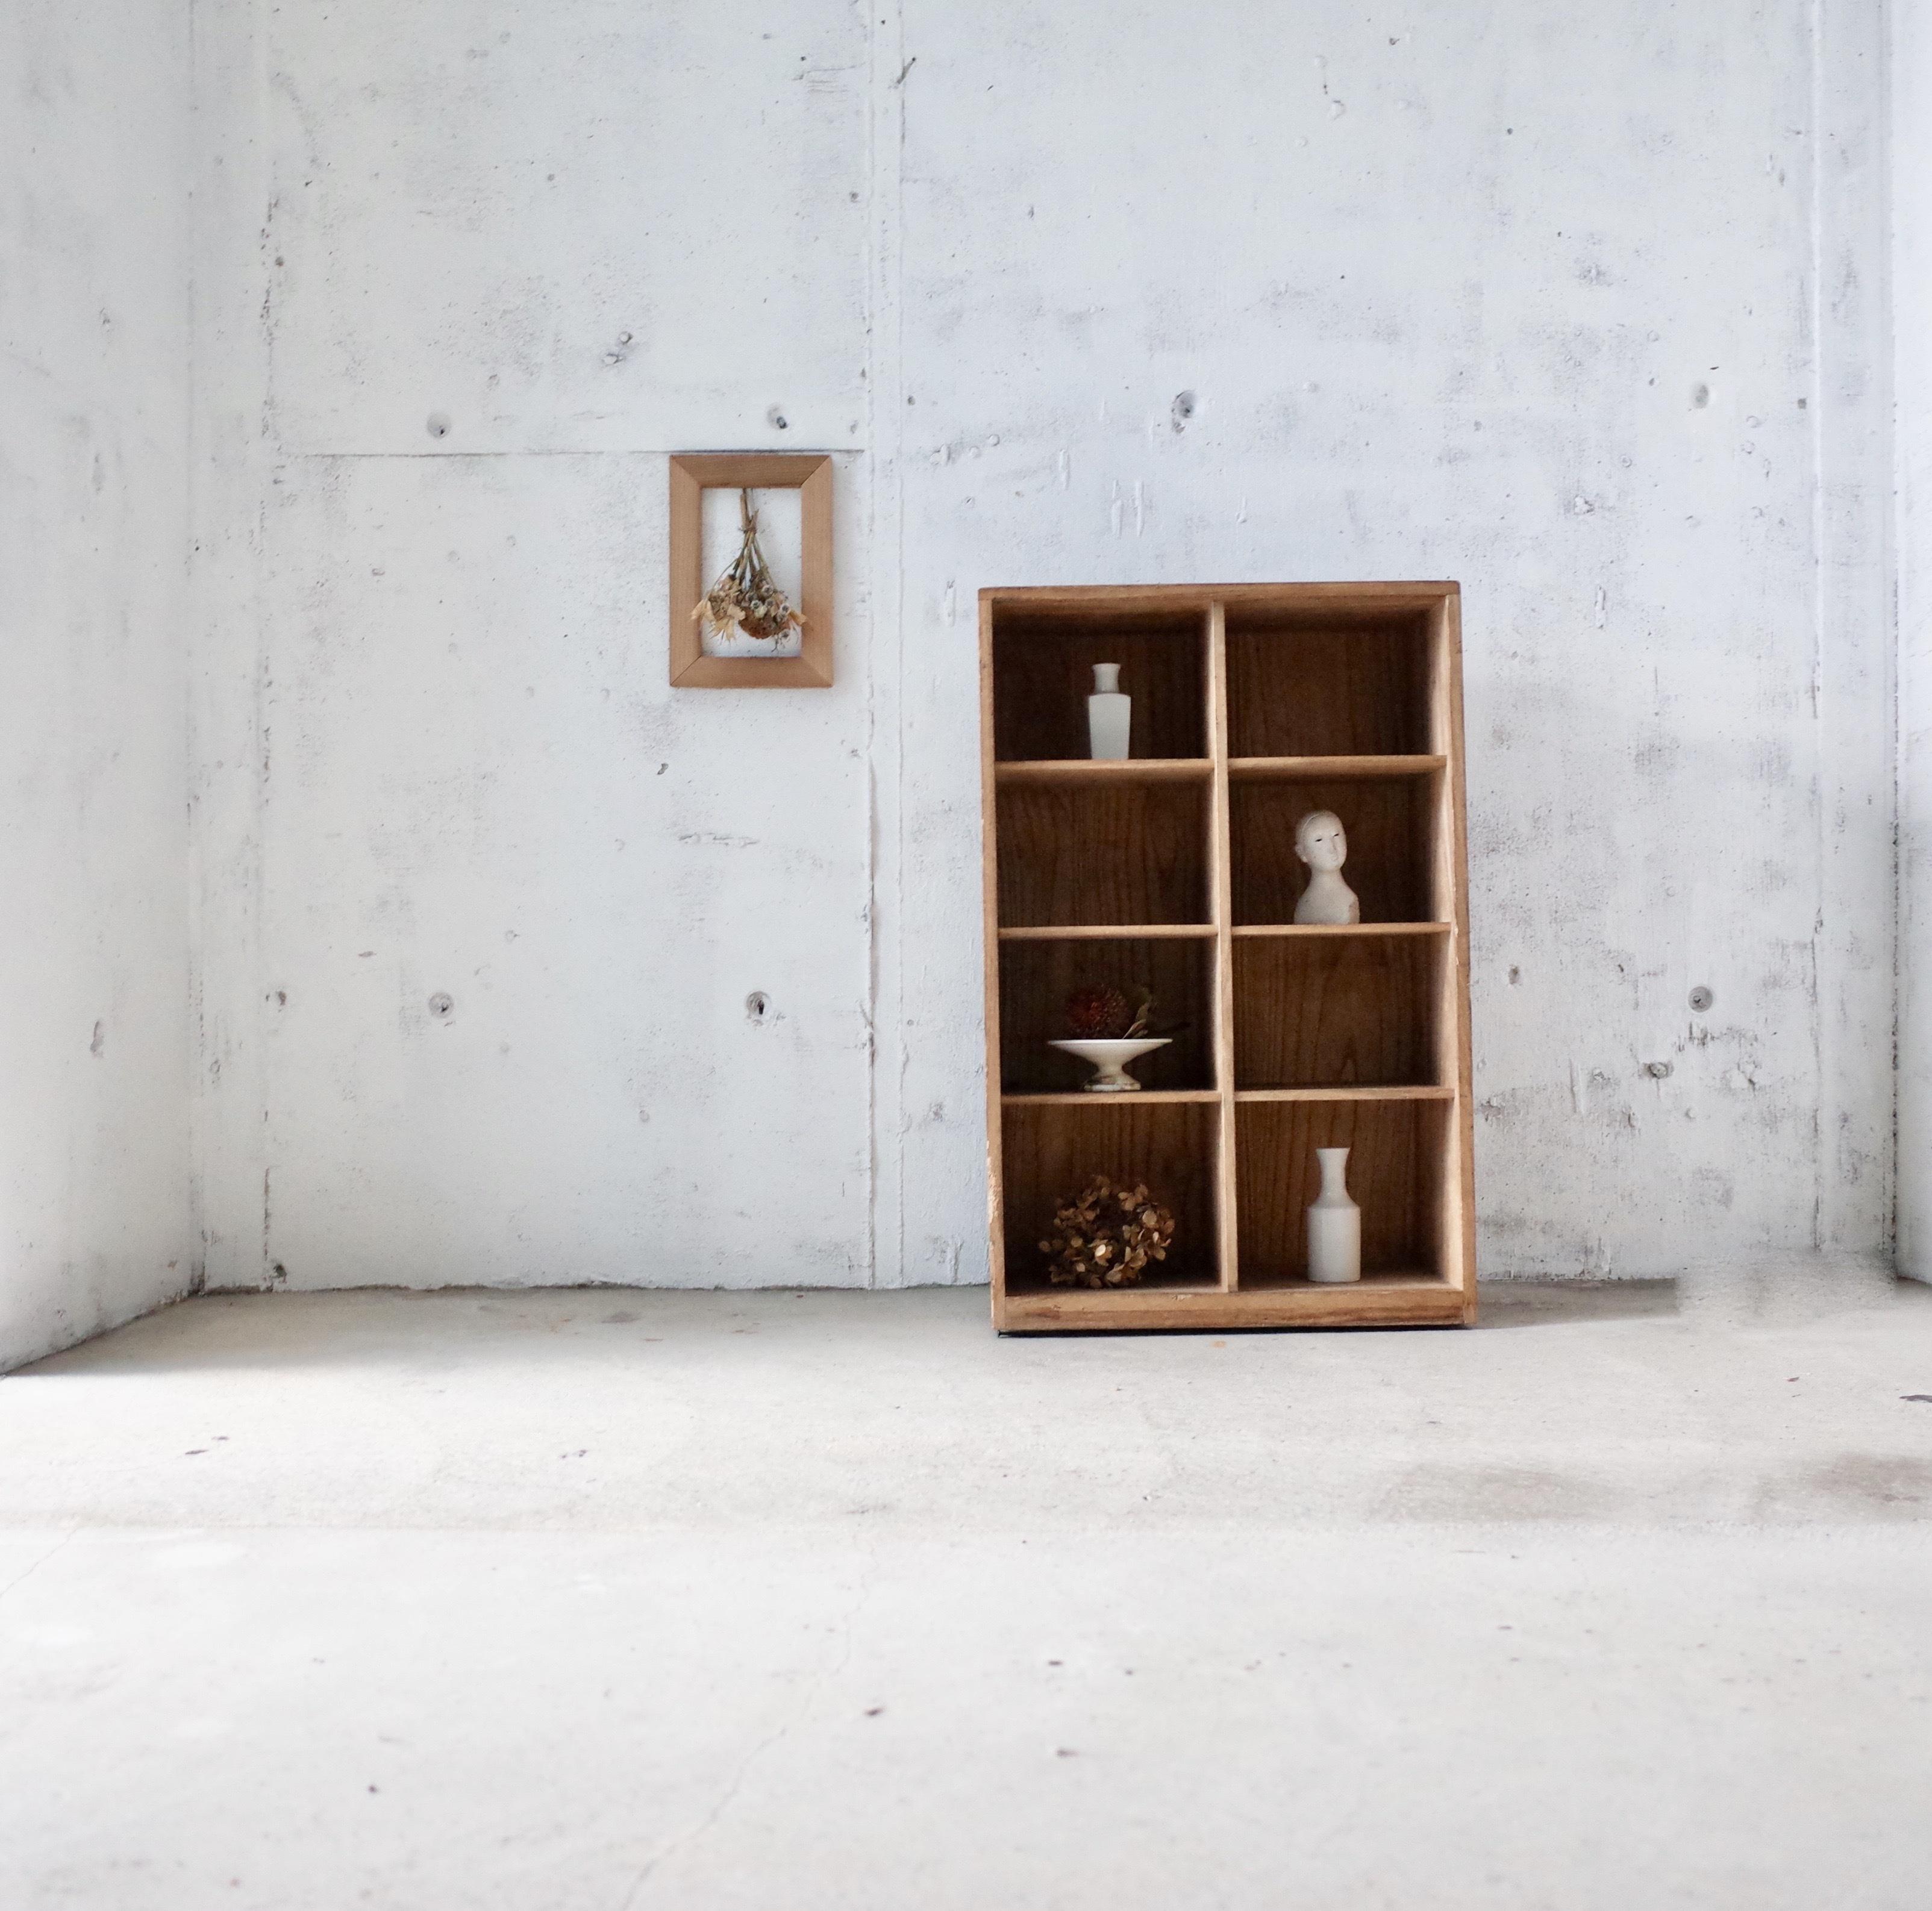 ナチュラル木味のマス棚[古家具]